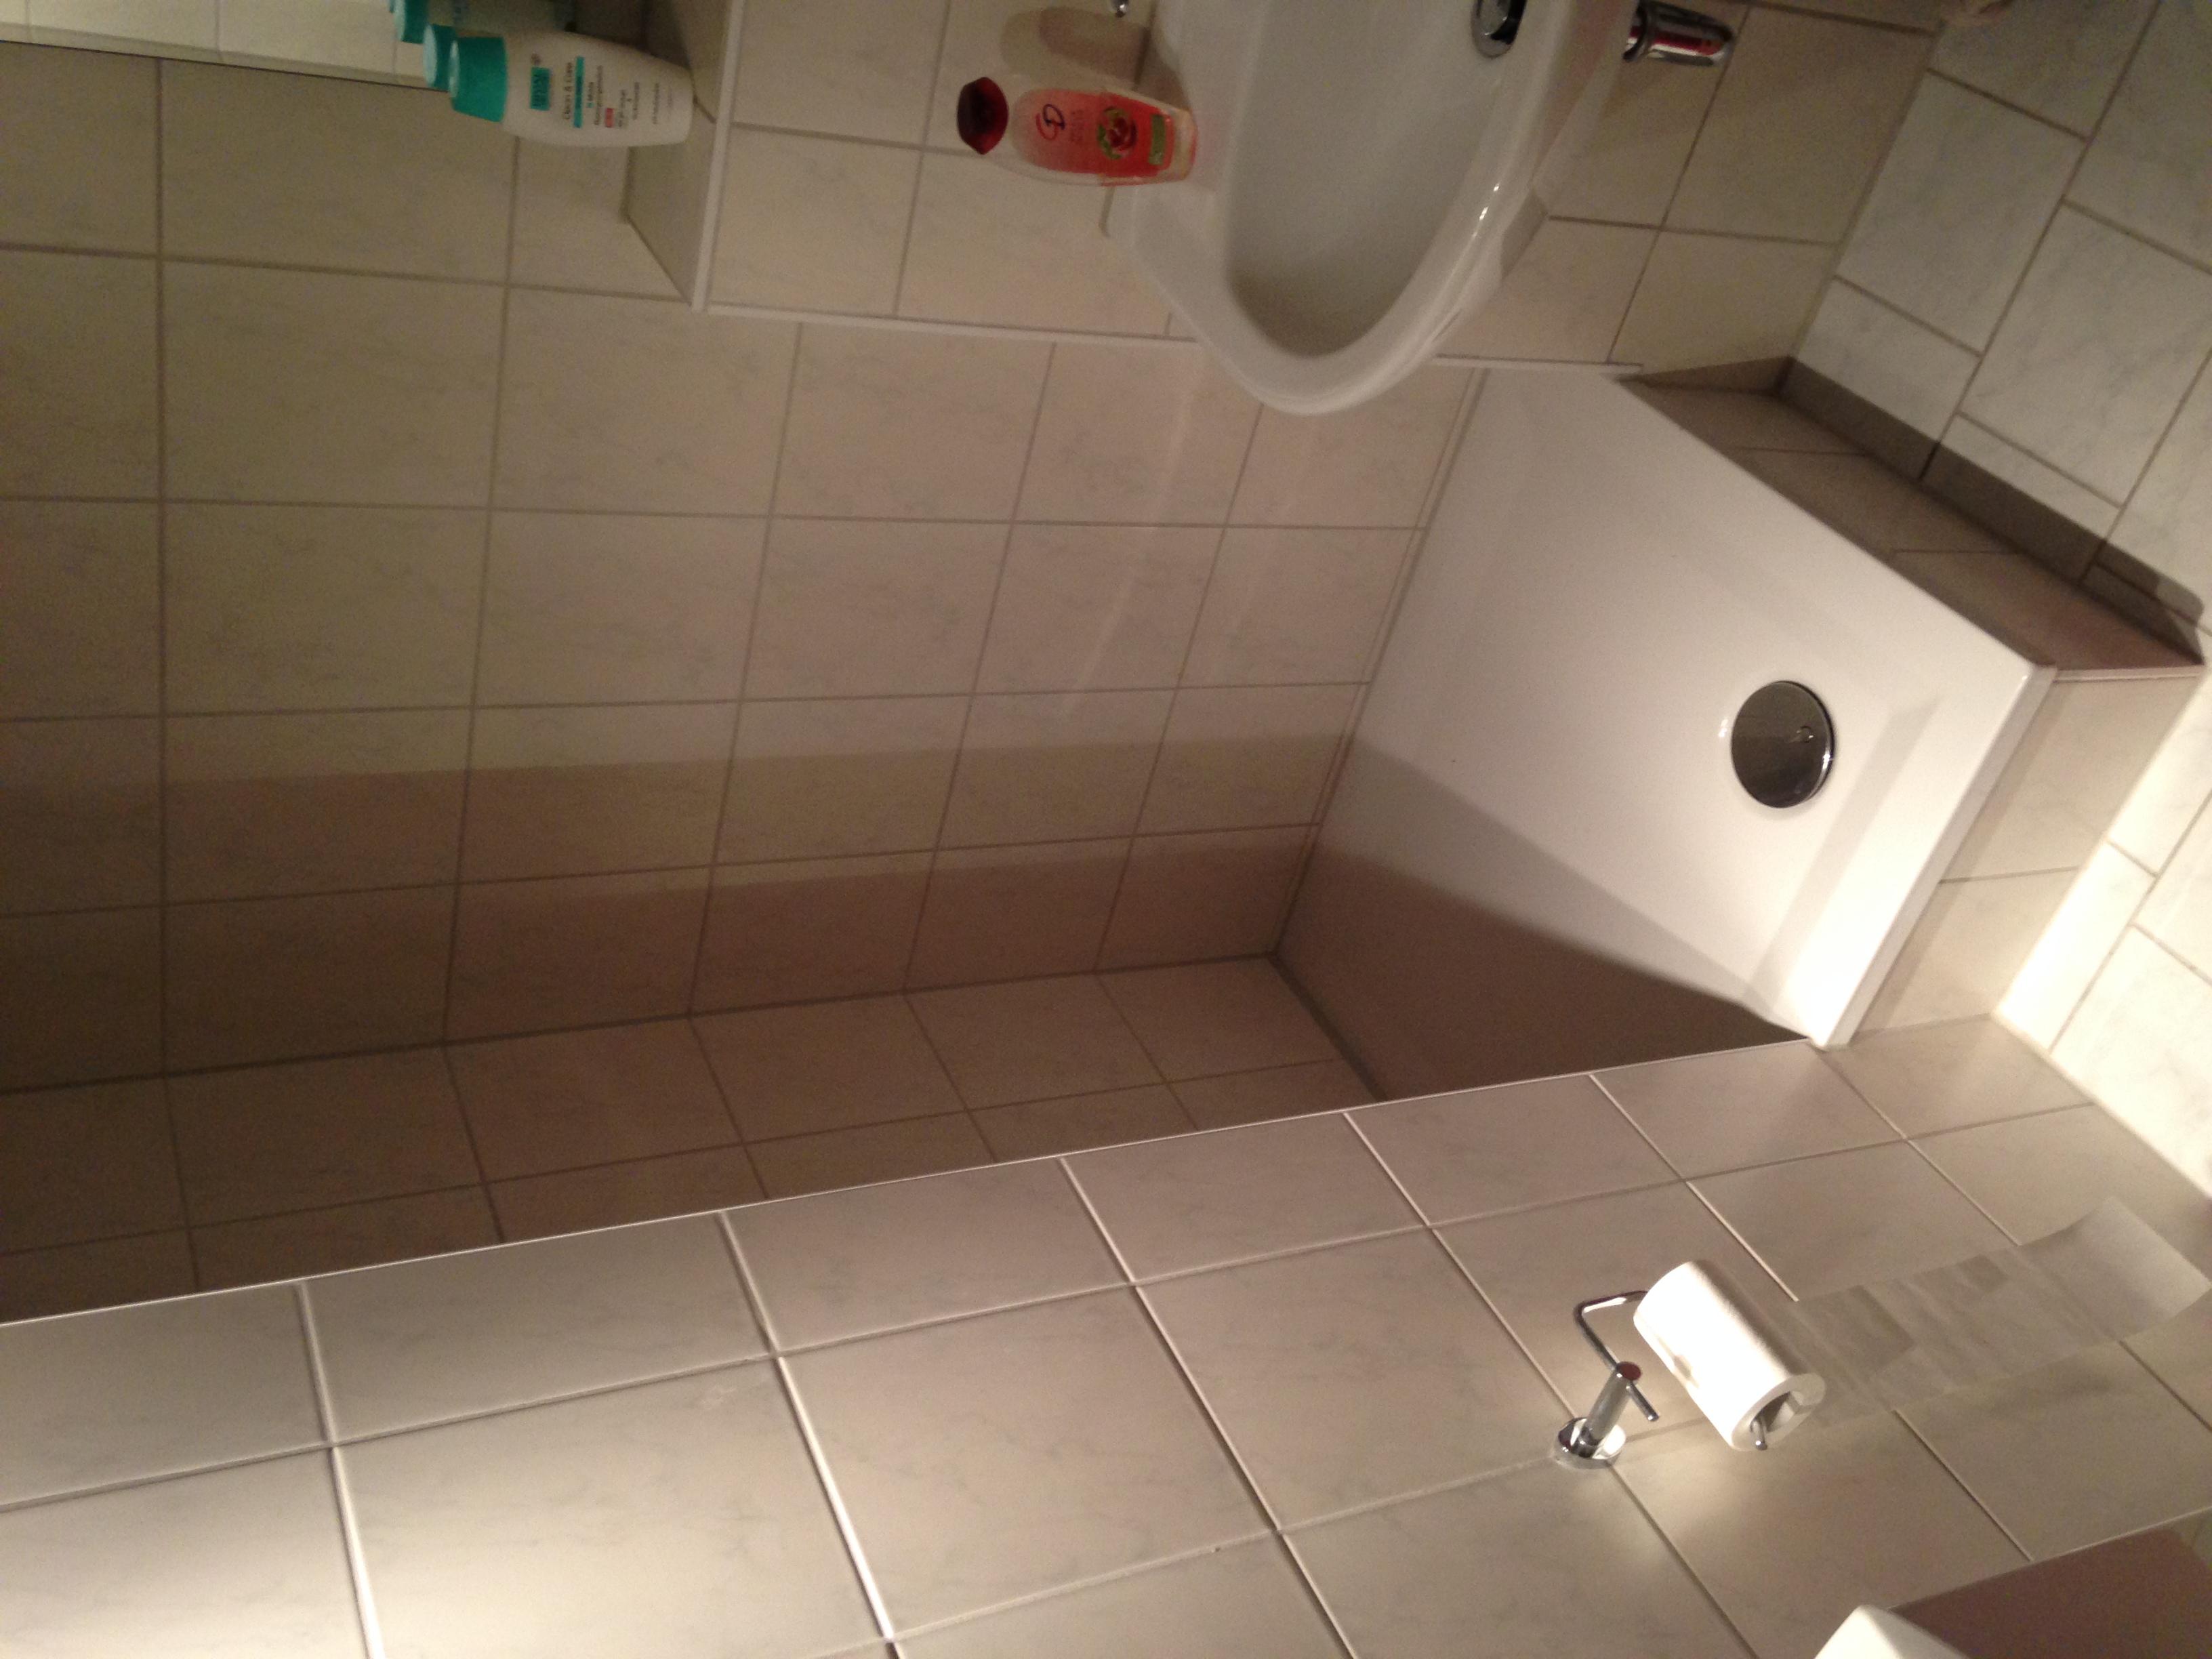 einbau einer fehlenden duschwand sache des vermieters mietrecht vermieter mietwohnung - Mietwohnung Dusche Ohne Kabine